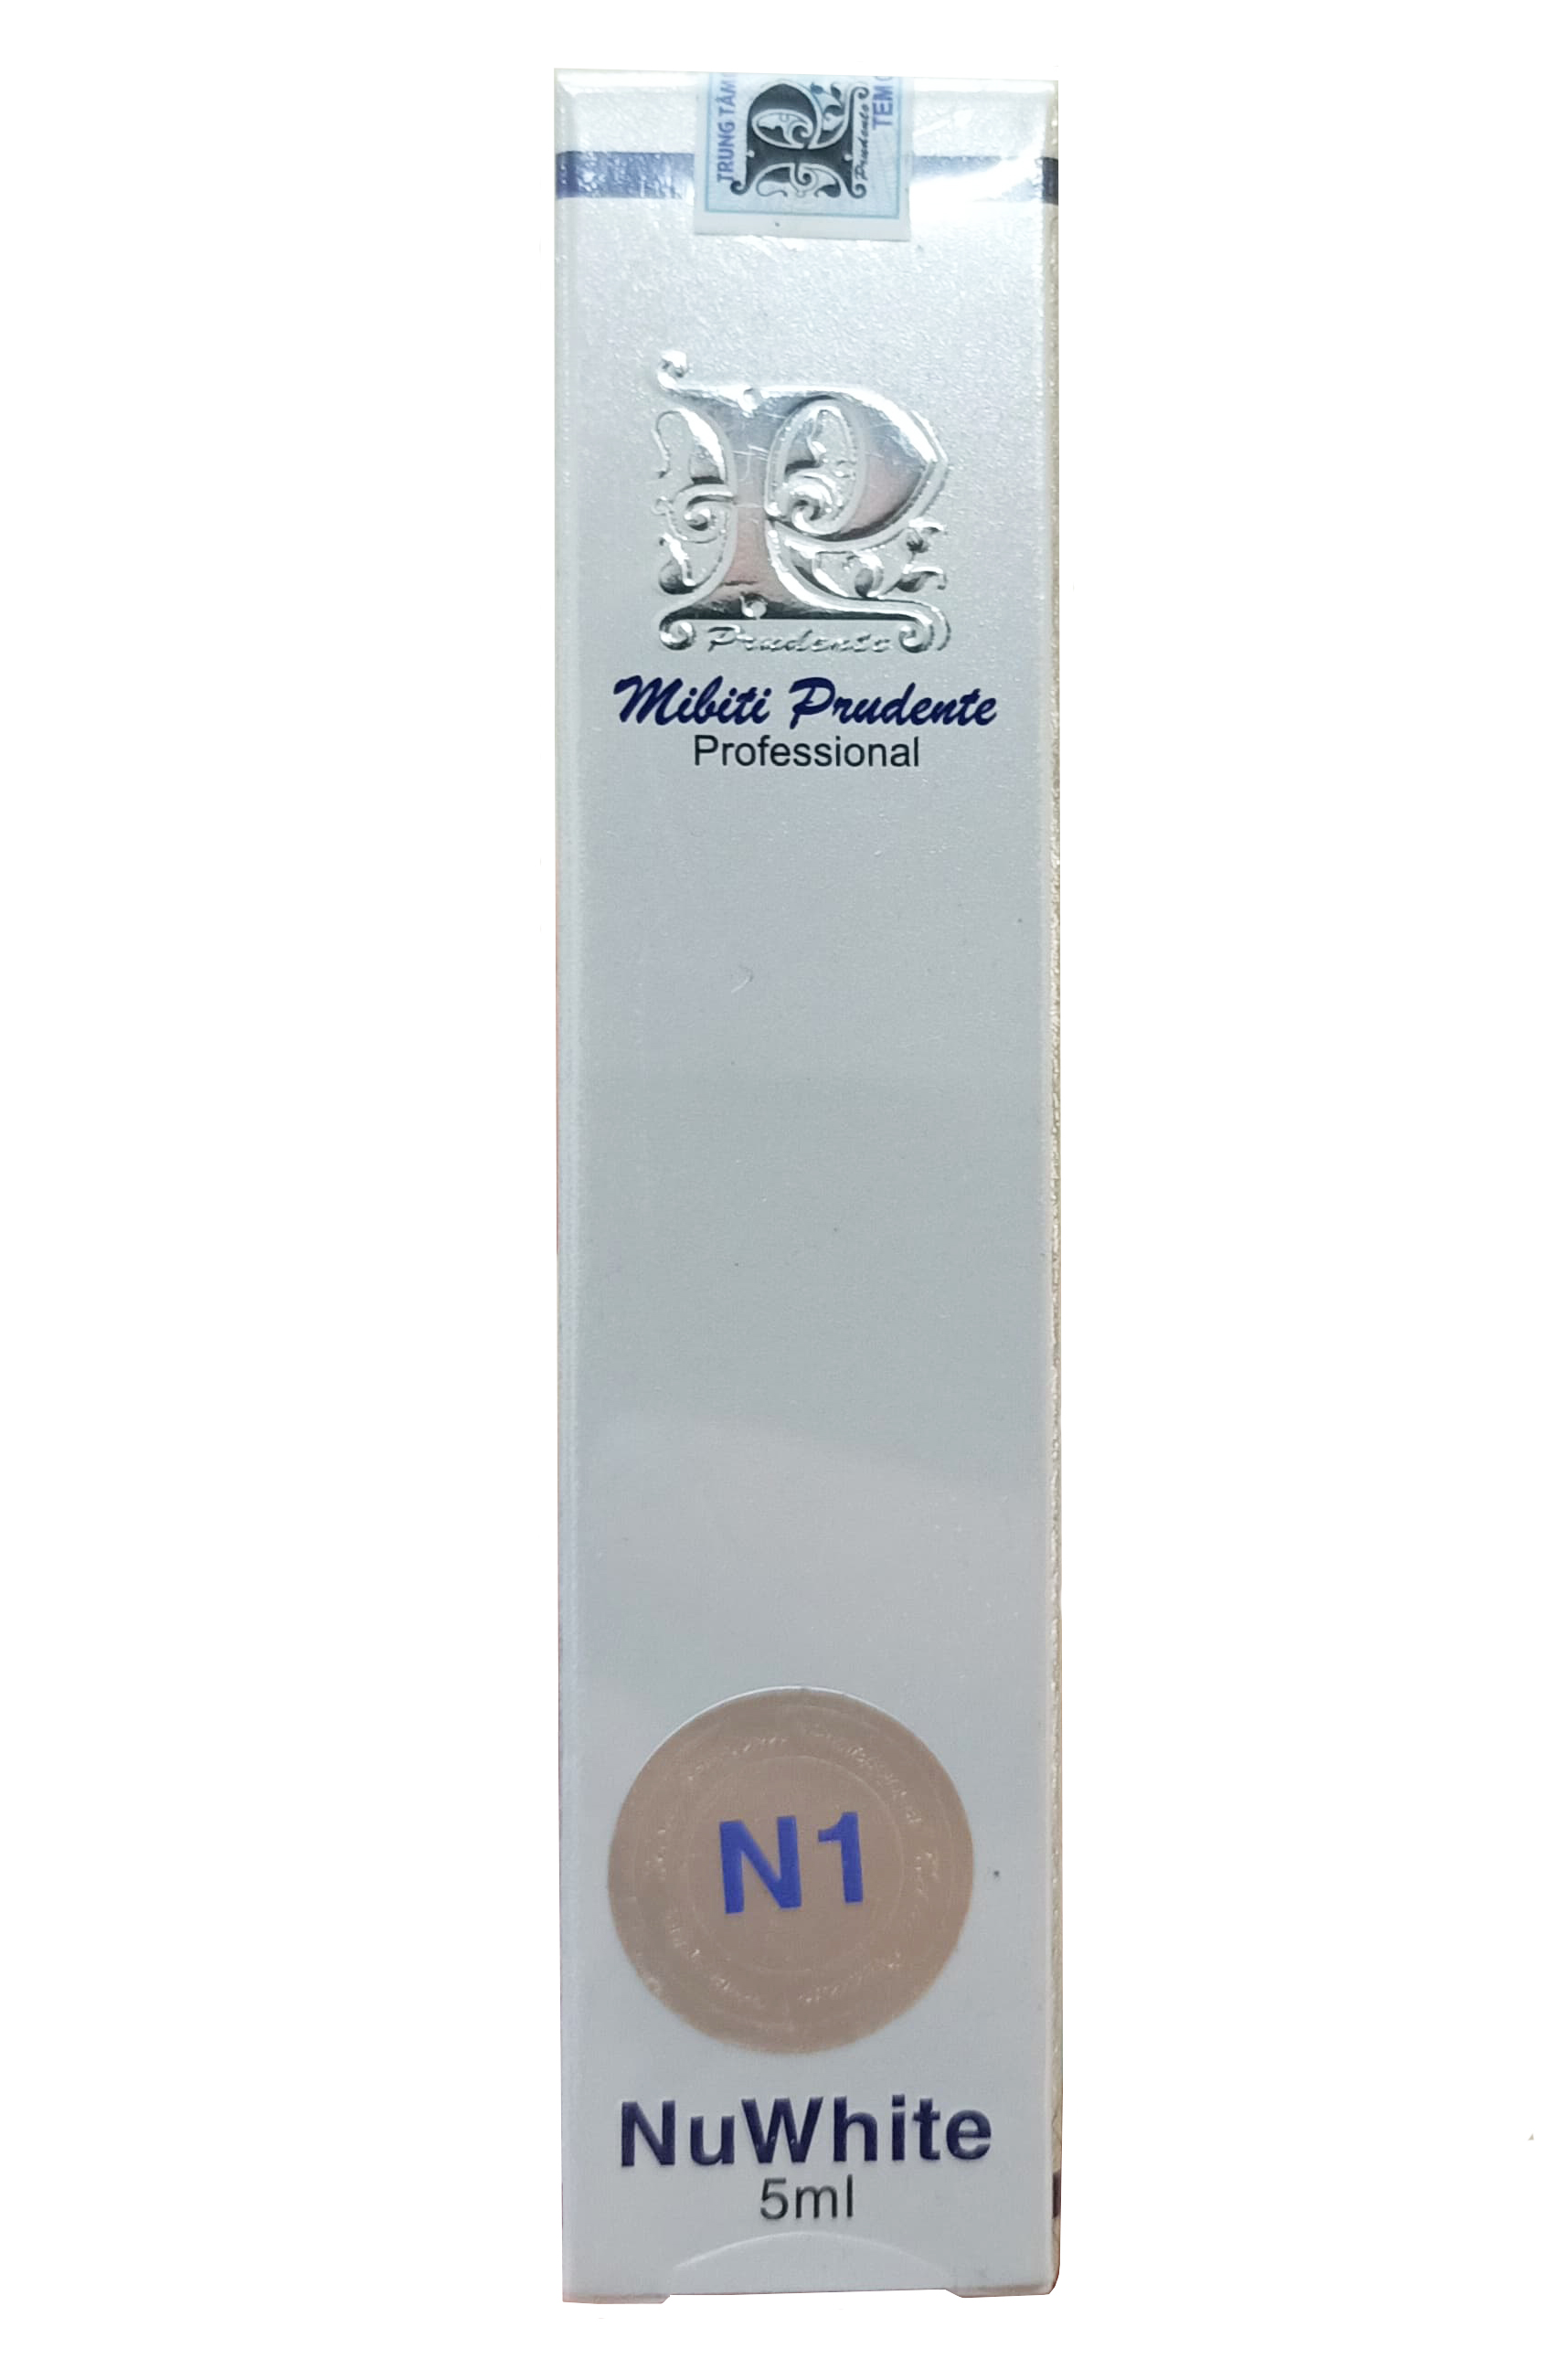 Kem làm hồng nhũ hoa Nuwhite N1 Mibiti Prudente mẫu mới